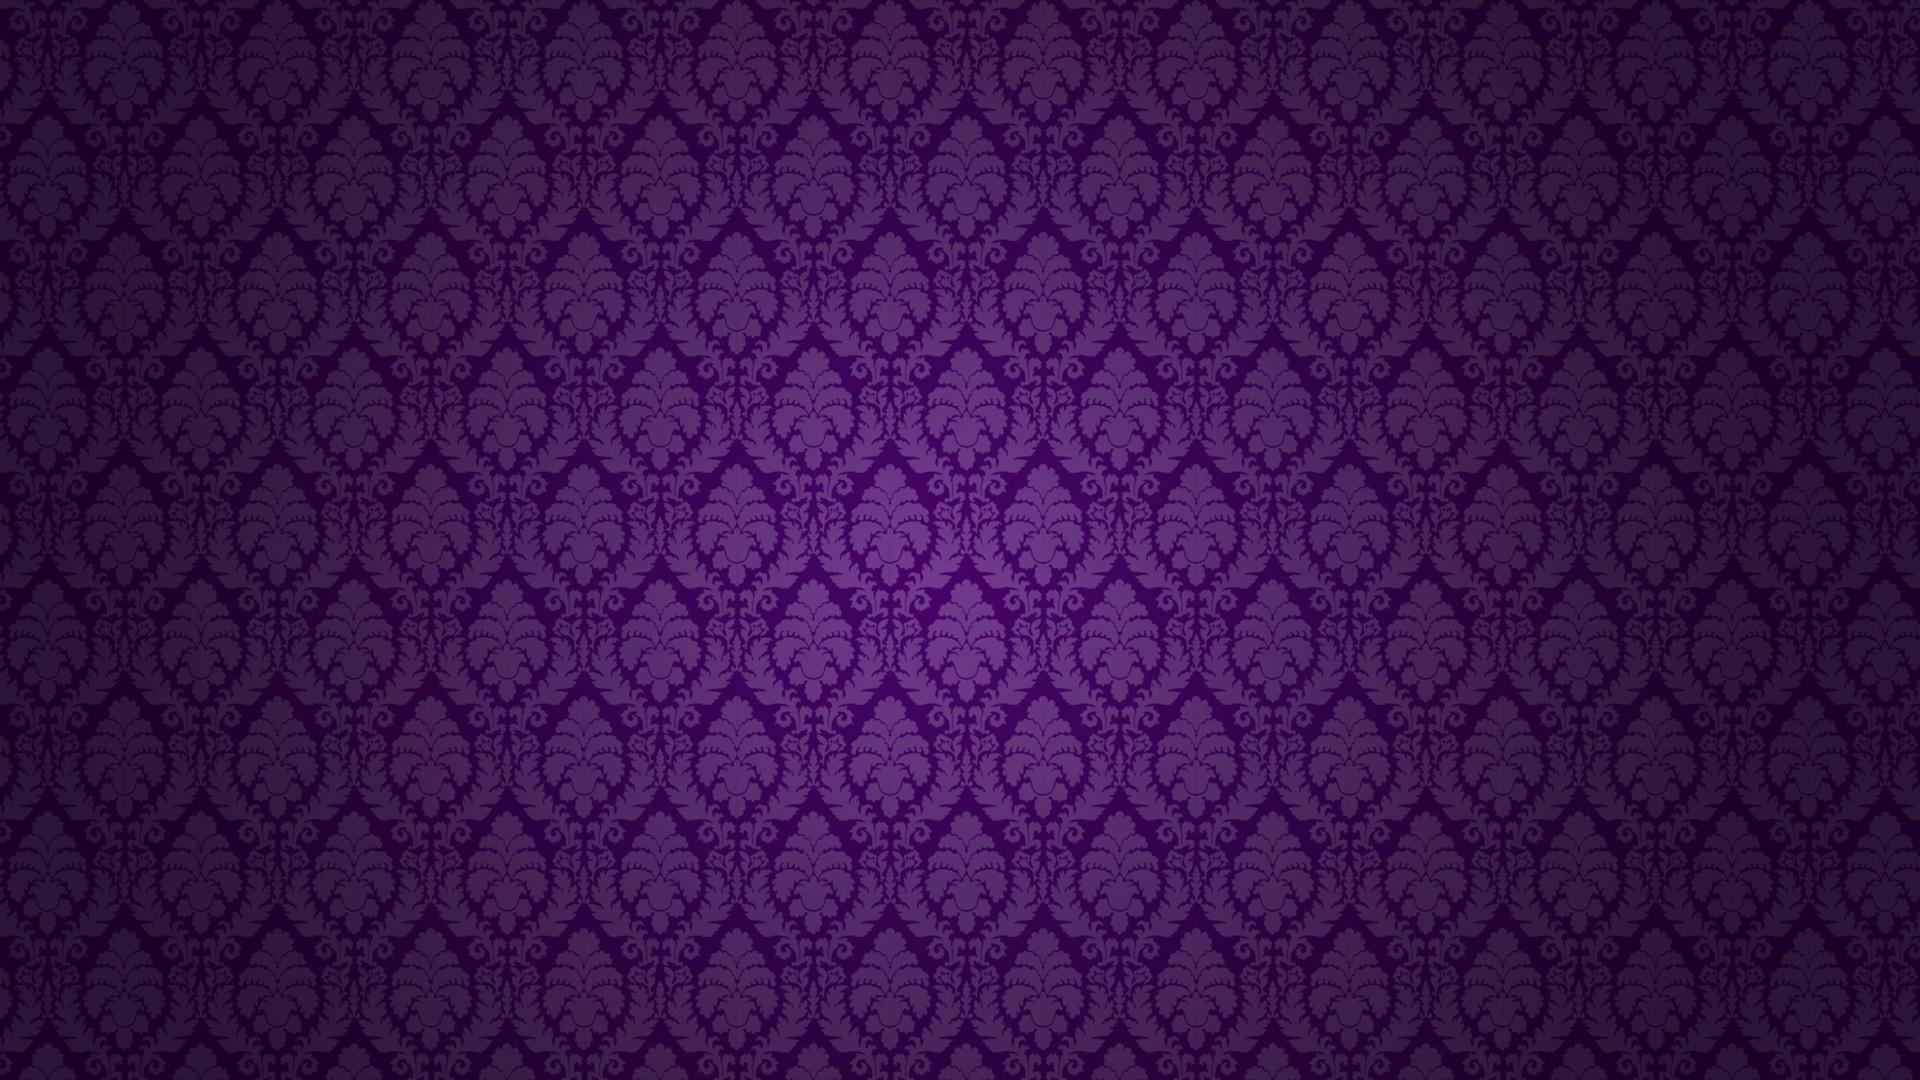 Related desktop wallpapers 1920x1080